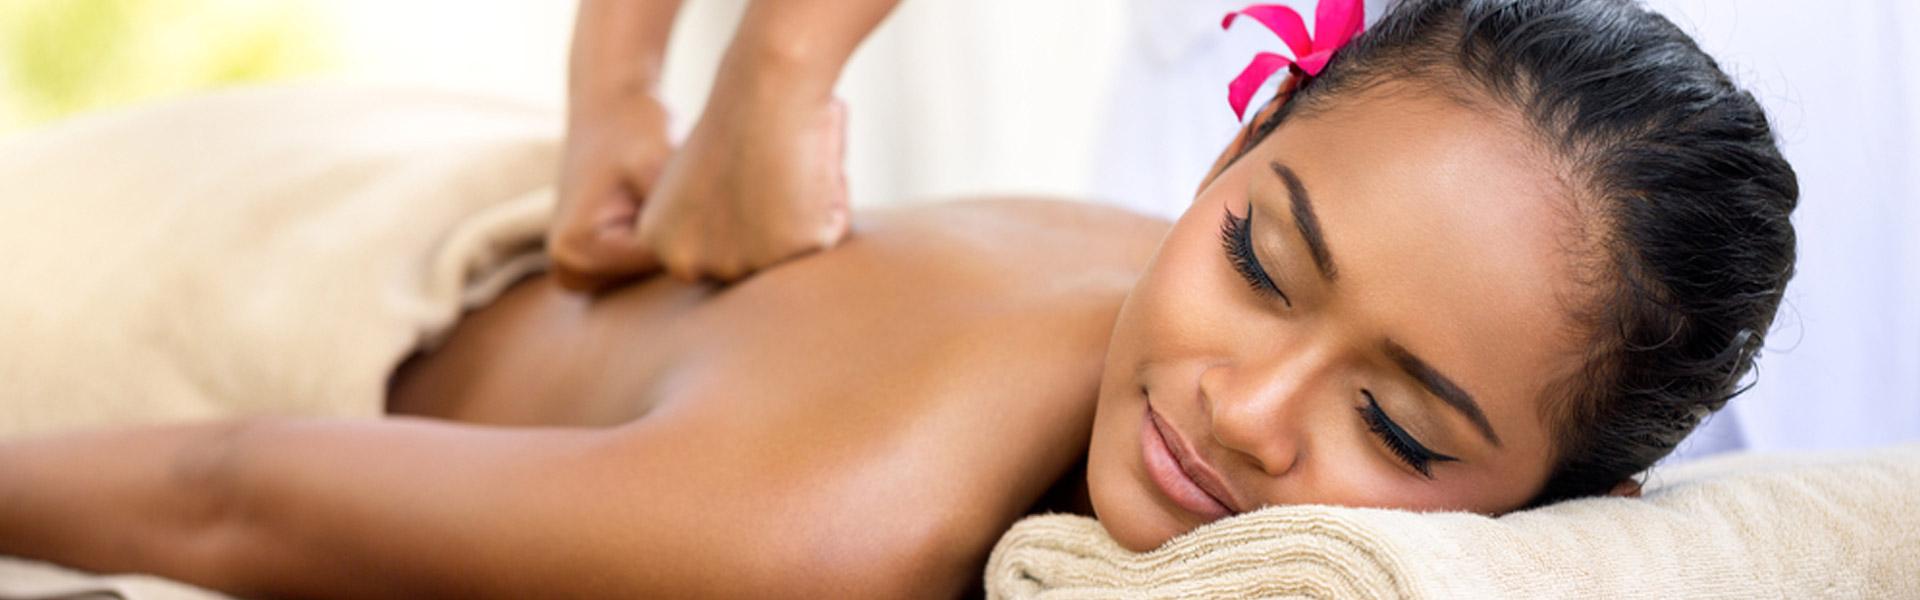 Massage vasastan massage sigtuna